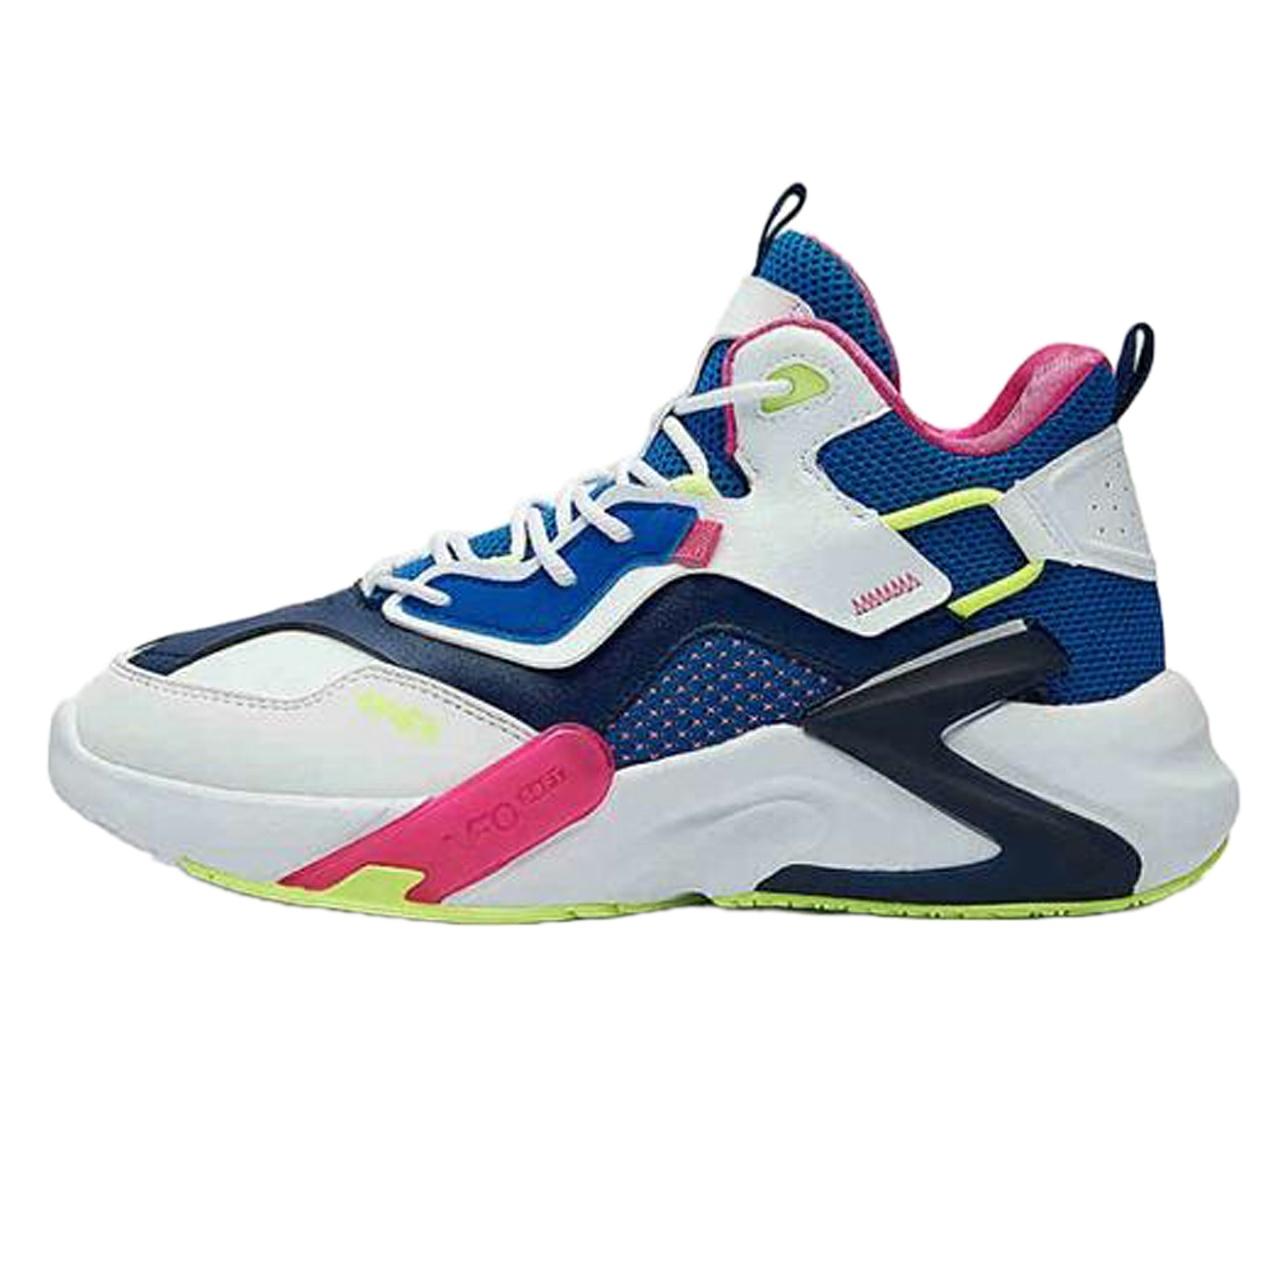 کفش بسکتبال زنانه 361 درجه مدل W582031116-1